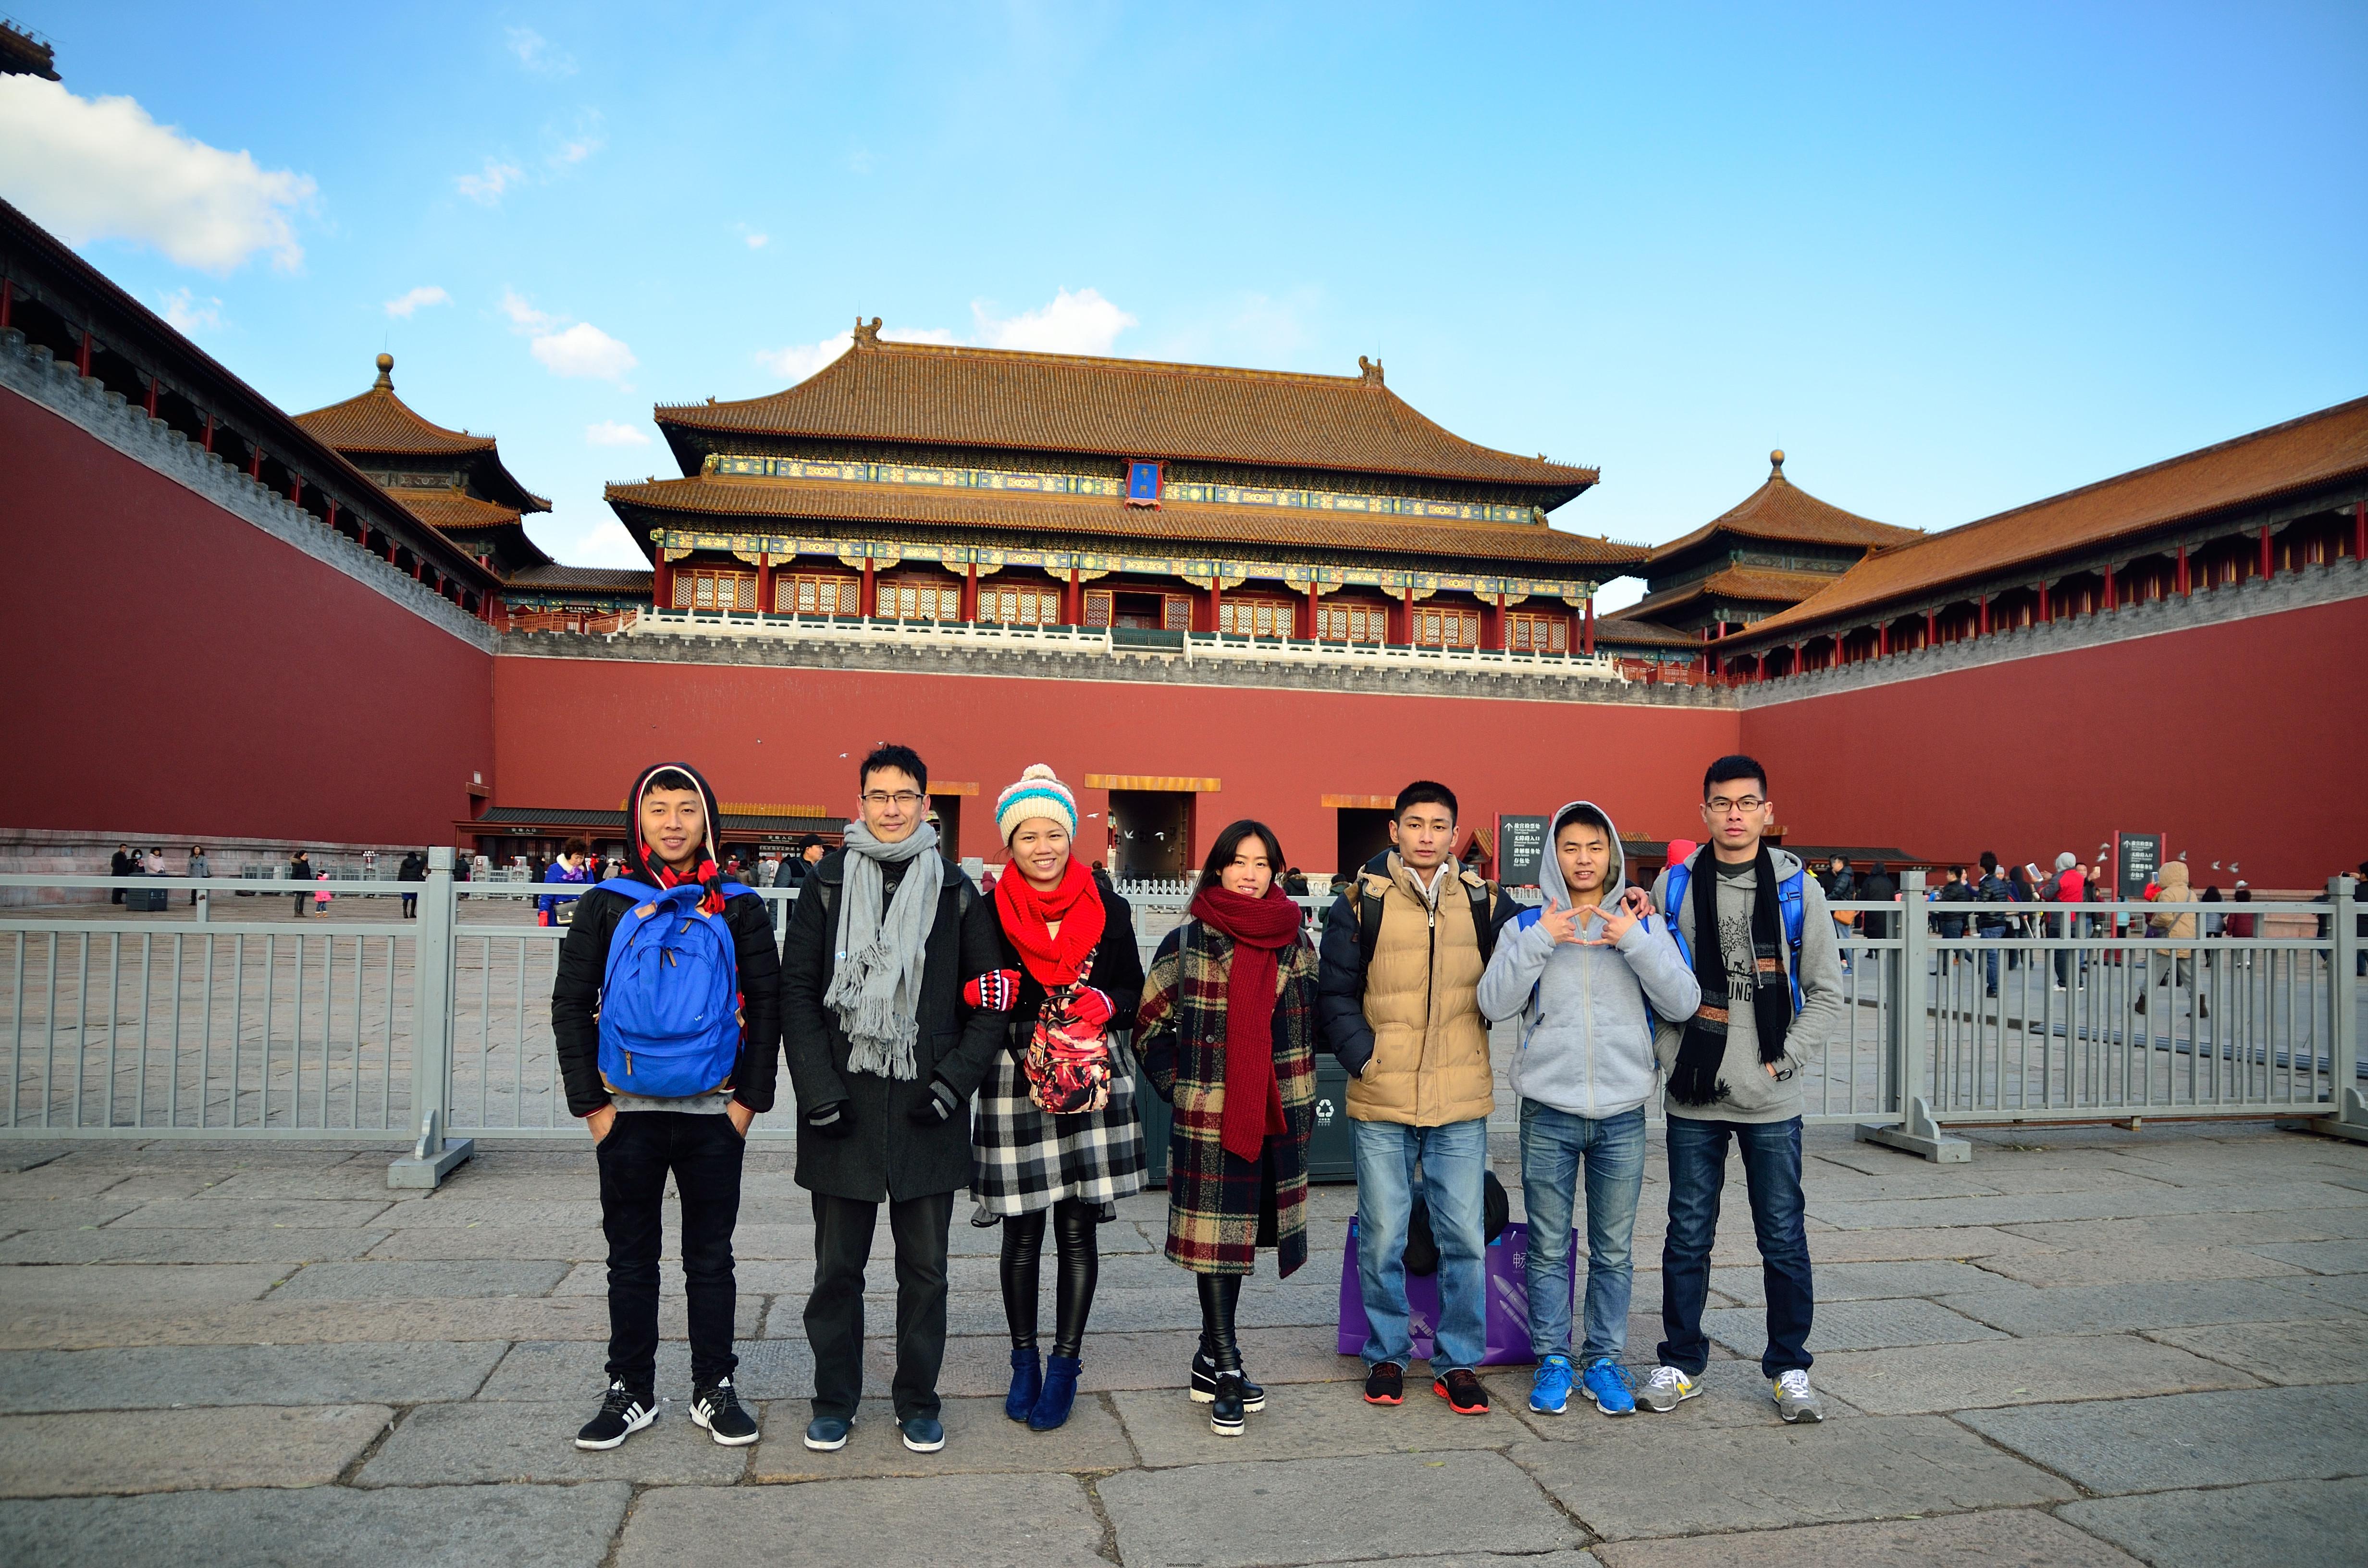 08-北京故宫.jpg